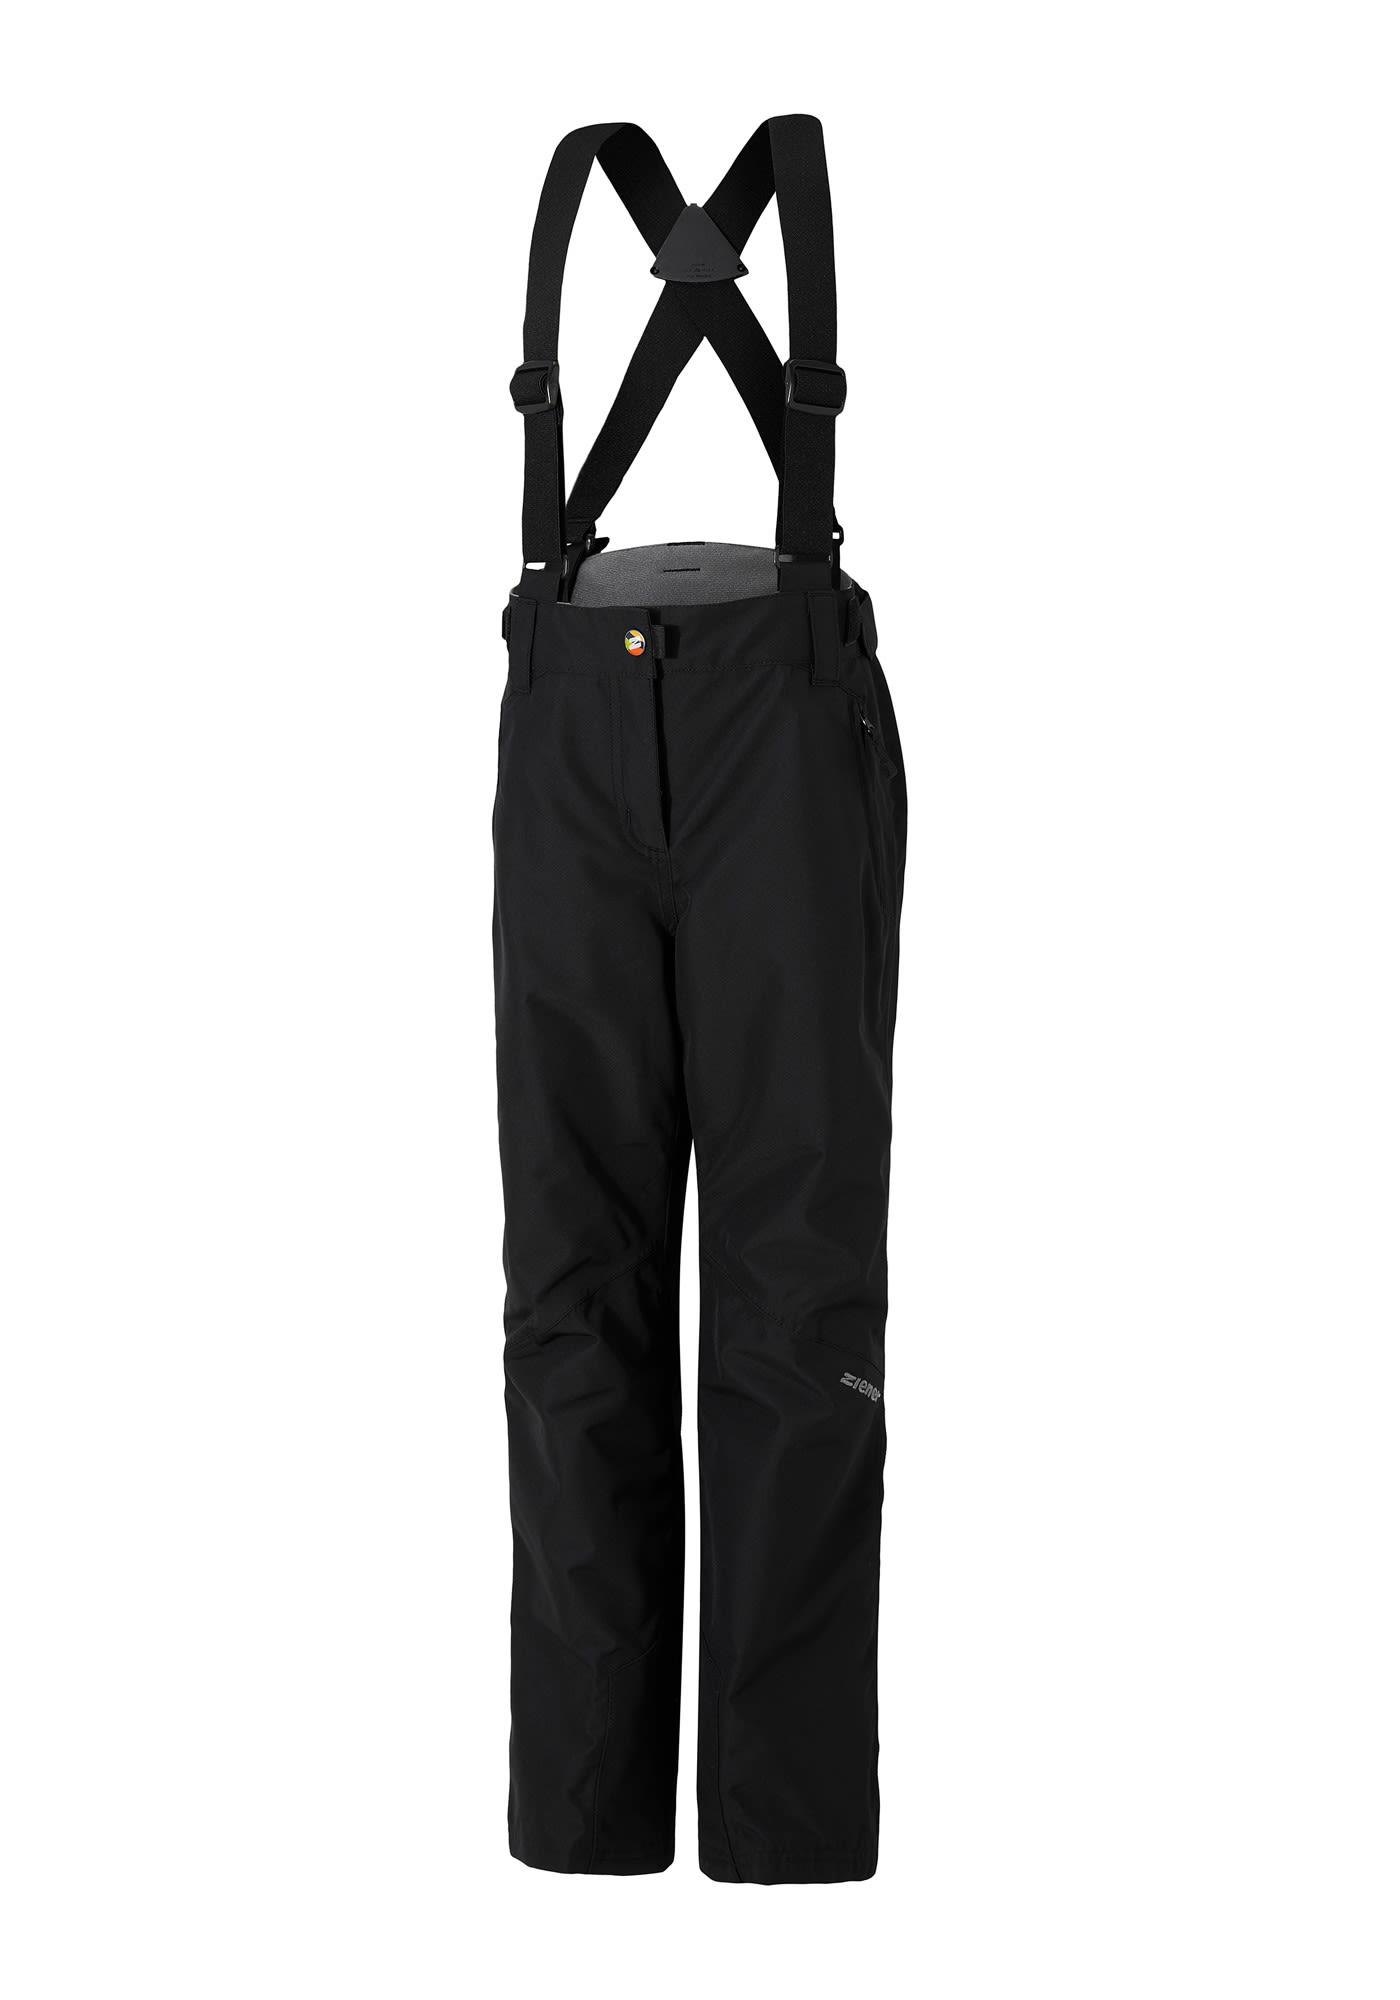 Ziener Kids Avatine (Modell Winter 2016) Schwarz, 104 -Farbe Black, 104